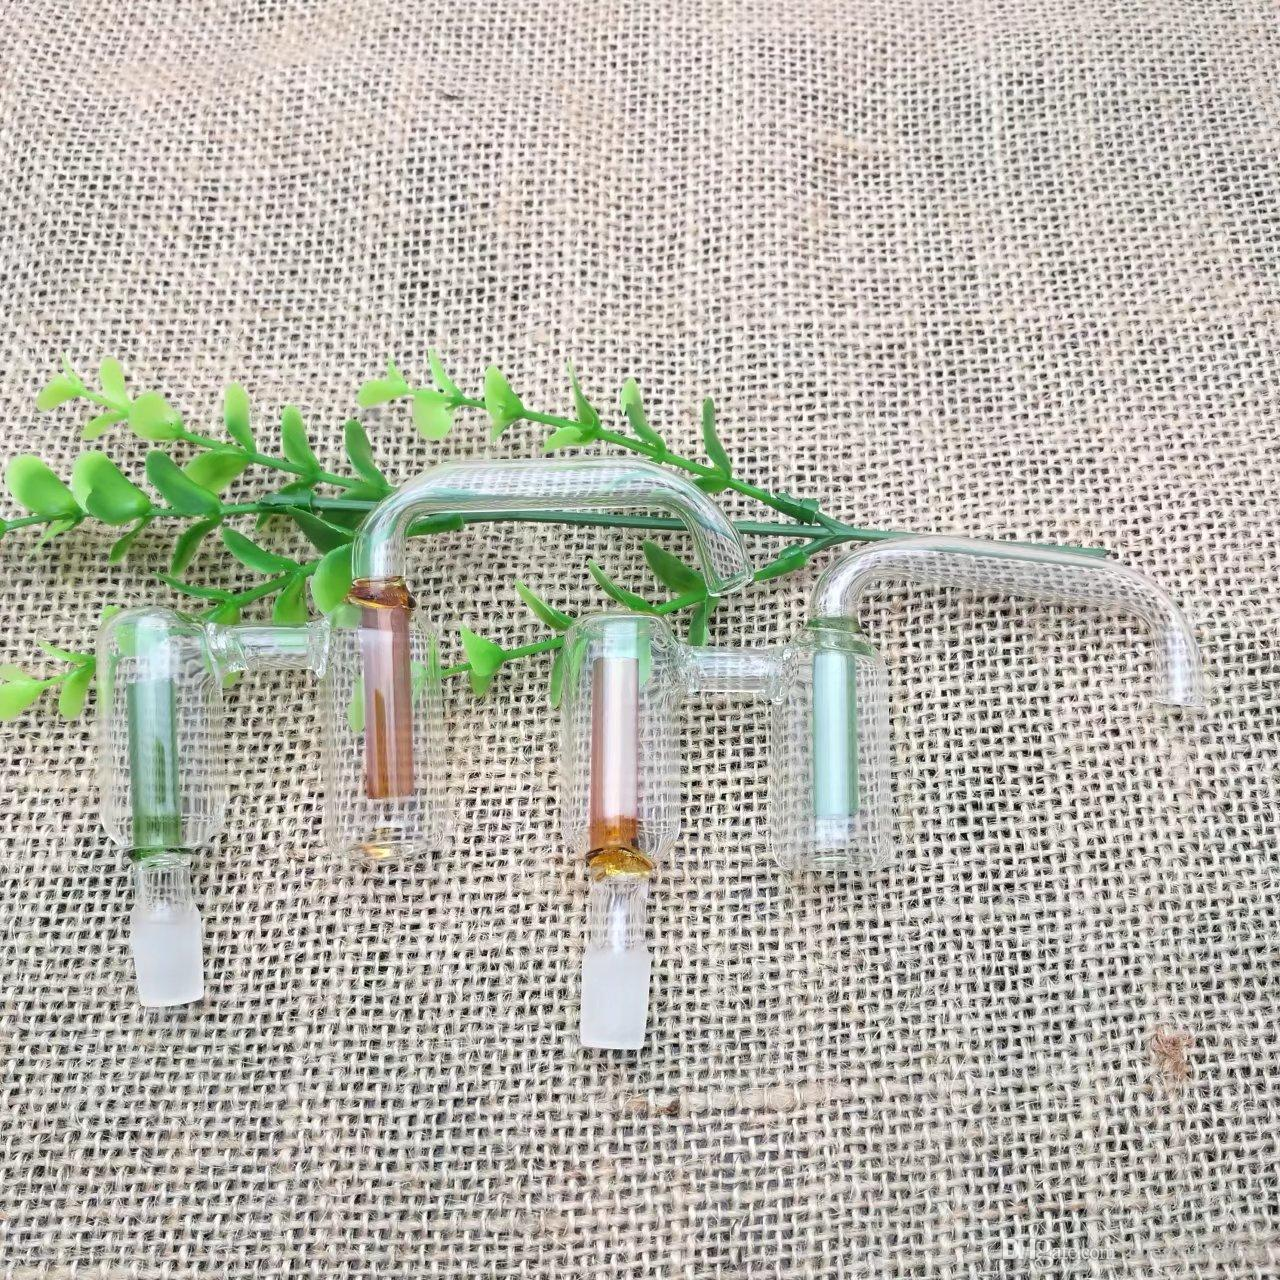 Двойной цветной фильтр стекло доска Оптовая бонги Стеклянные масла горелки Стеклянные трубы для воды труб нефтяных вышек, масло.